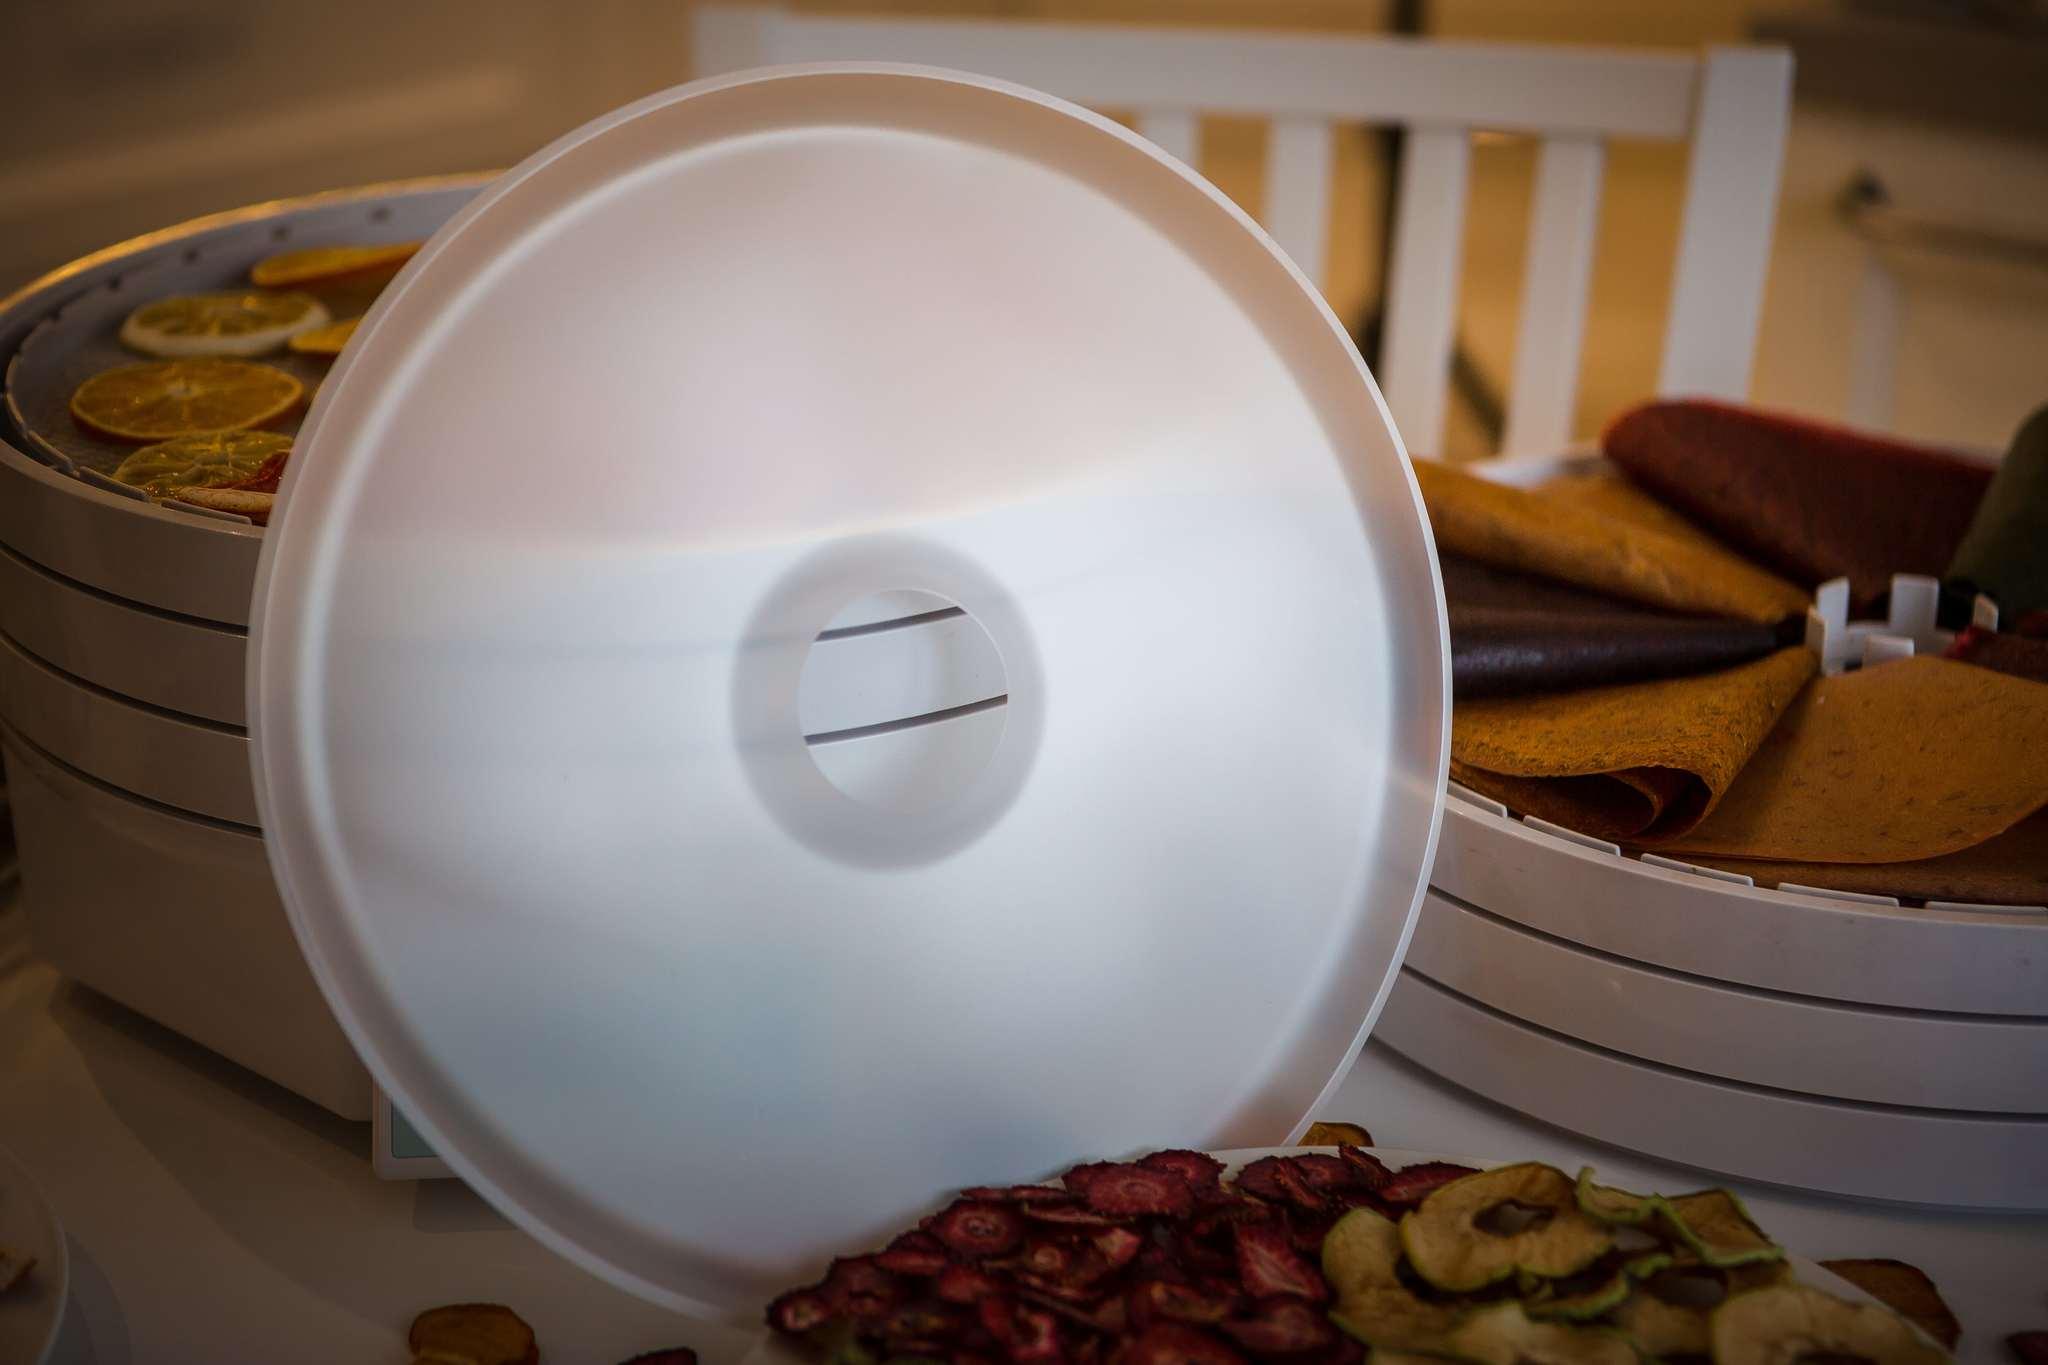 Лист для пастилы к дегидратору Ezidri Snackmaker FD500, диаметр 32 см